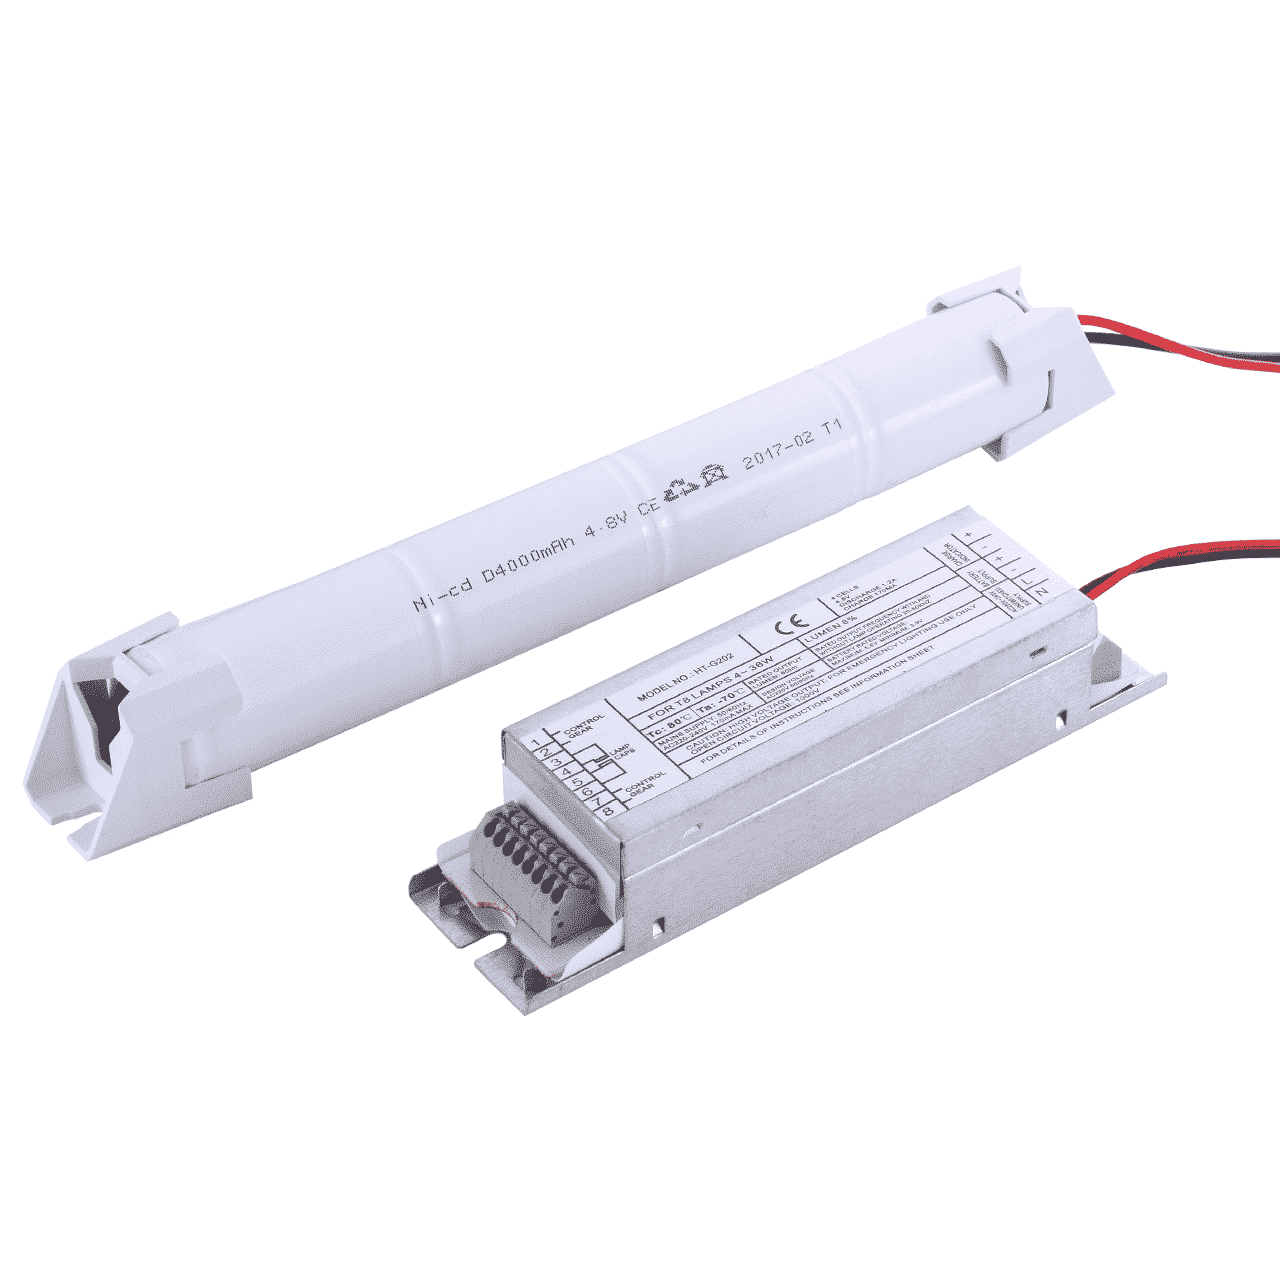 Noodaccu voor LED TL verlichting T8 en T5 buizen